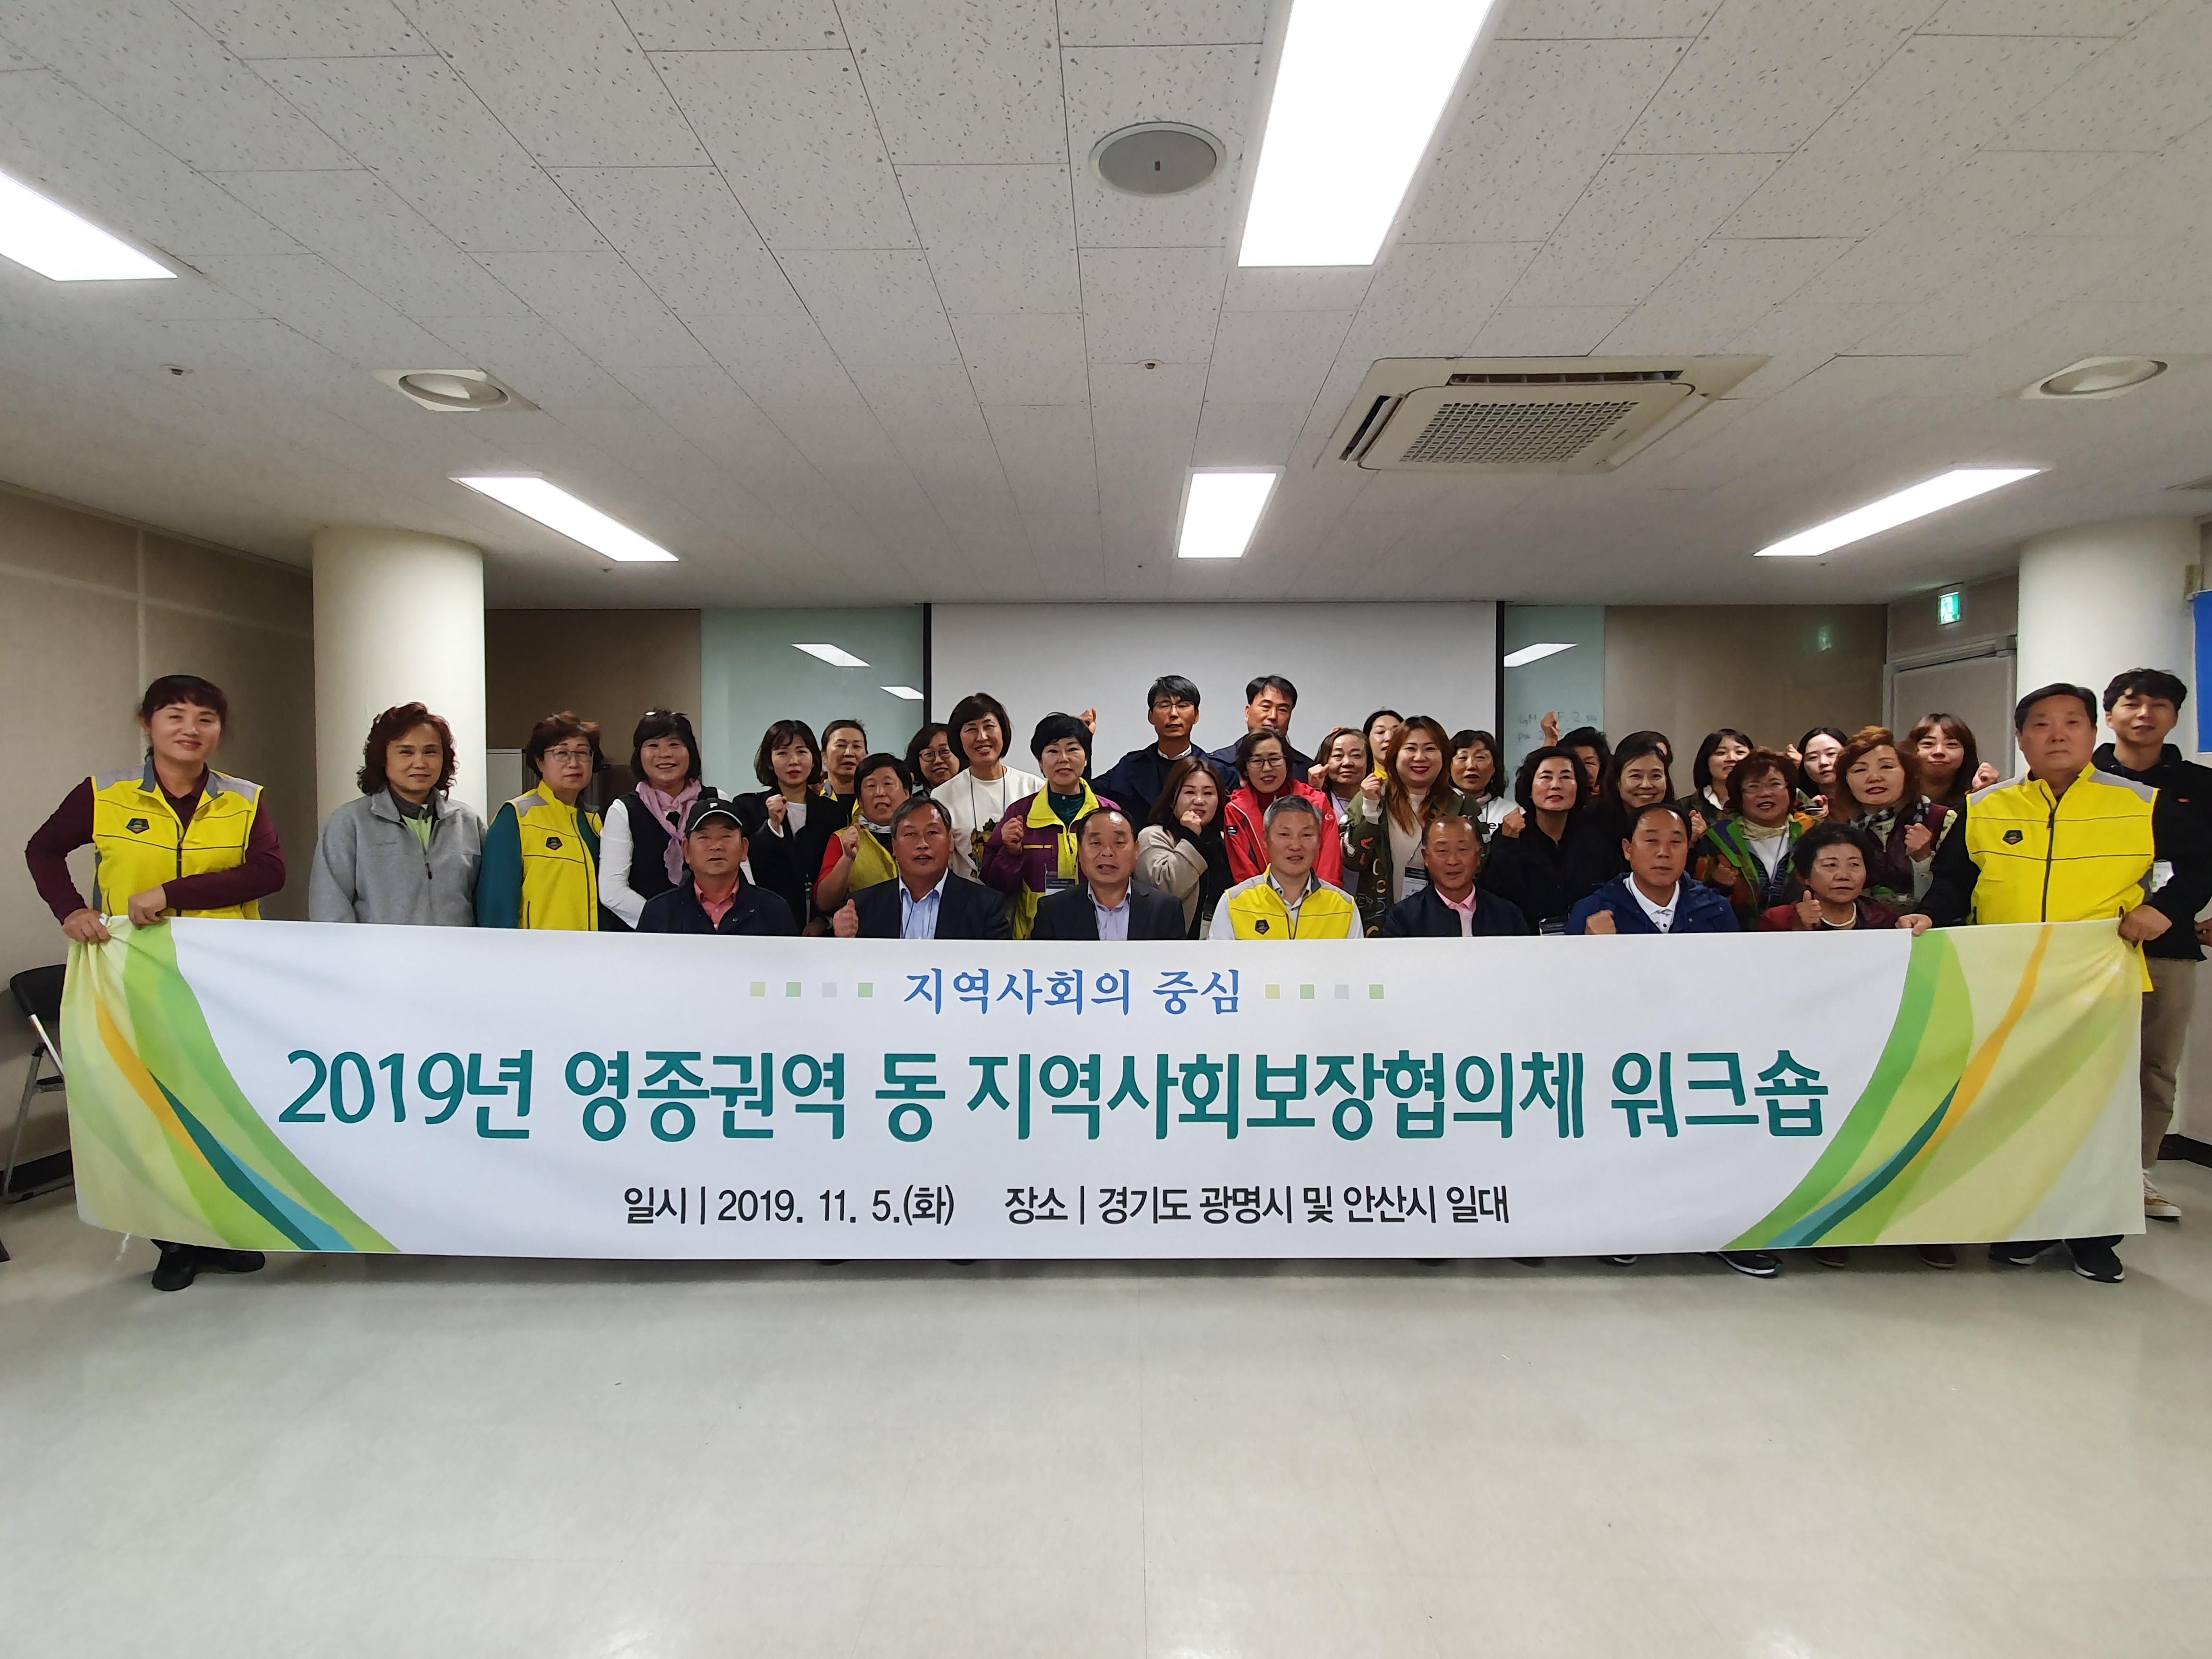 영종권역 동 지역사회보장협의체, 역량강화 워크숍 성료